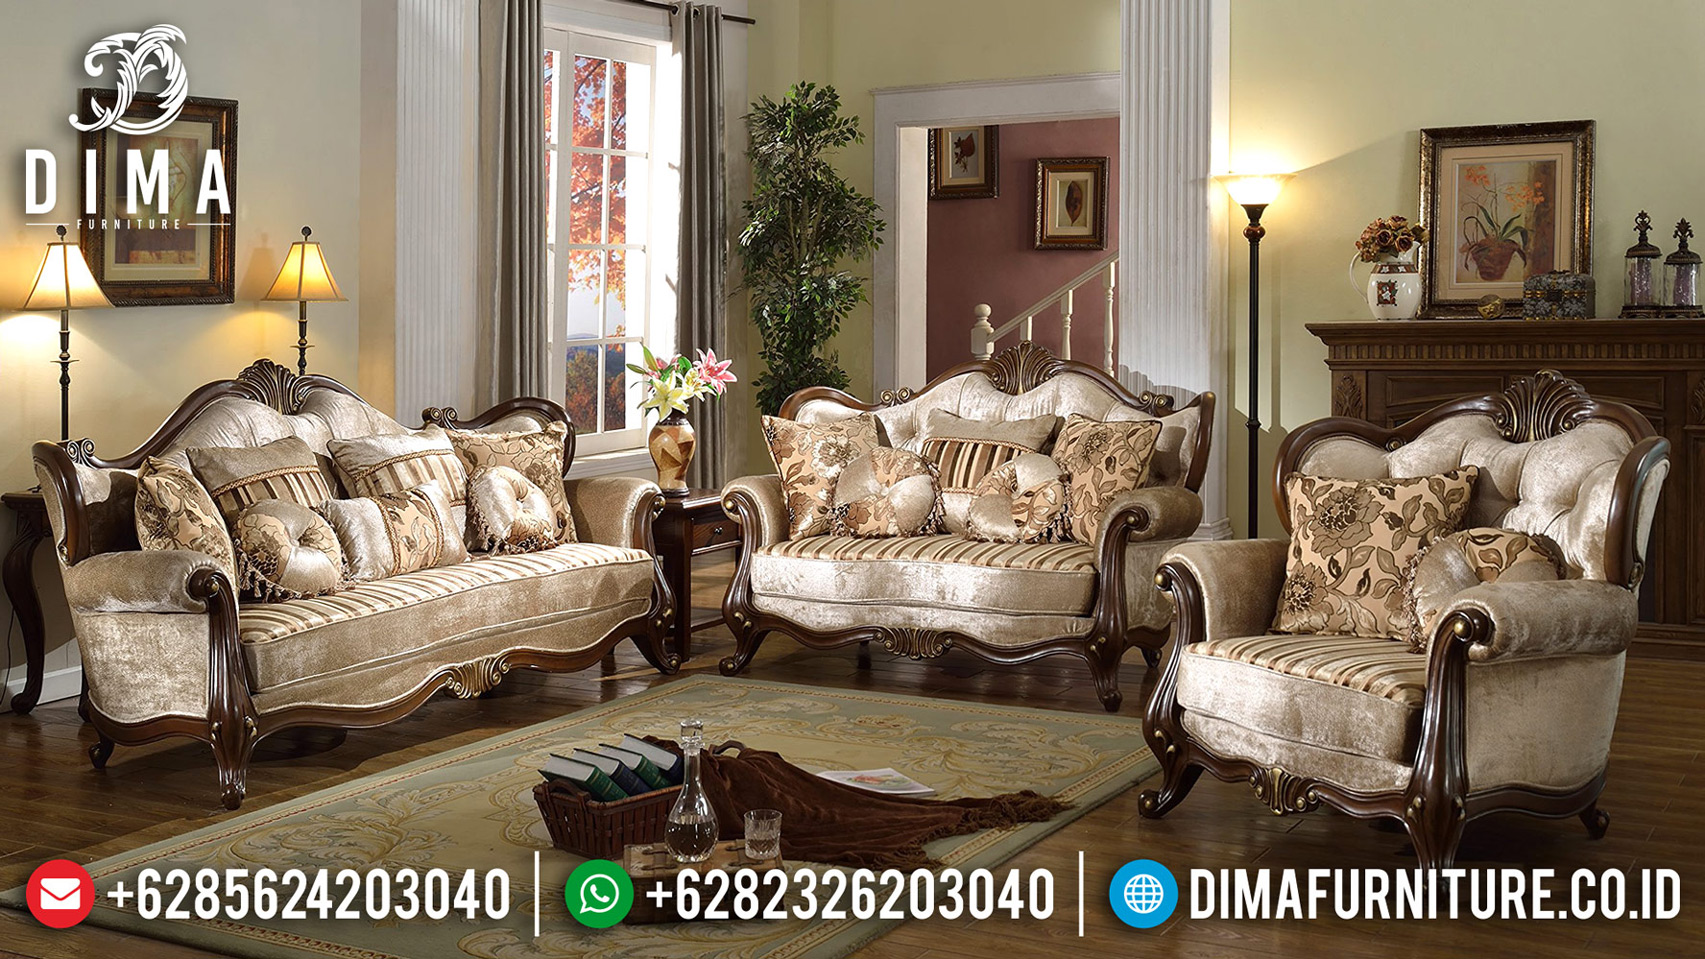 Desain Ruang Tamu Sofa Mewah Ukiran Jepara Luxury Style Classic Furniture BT-0648